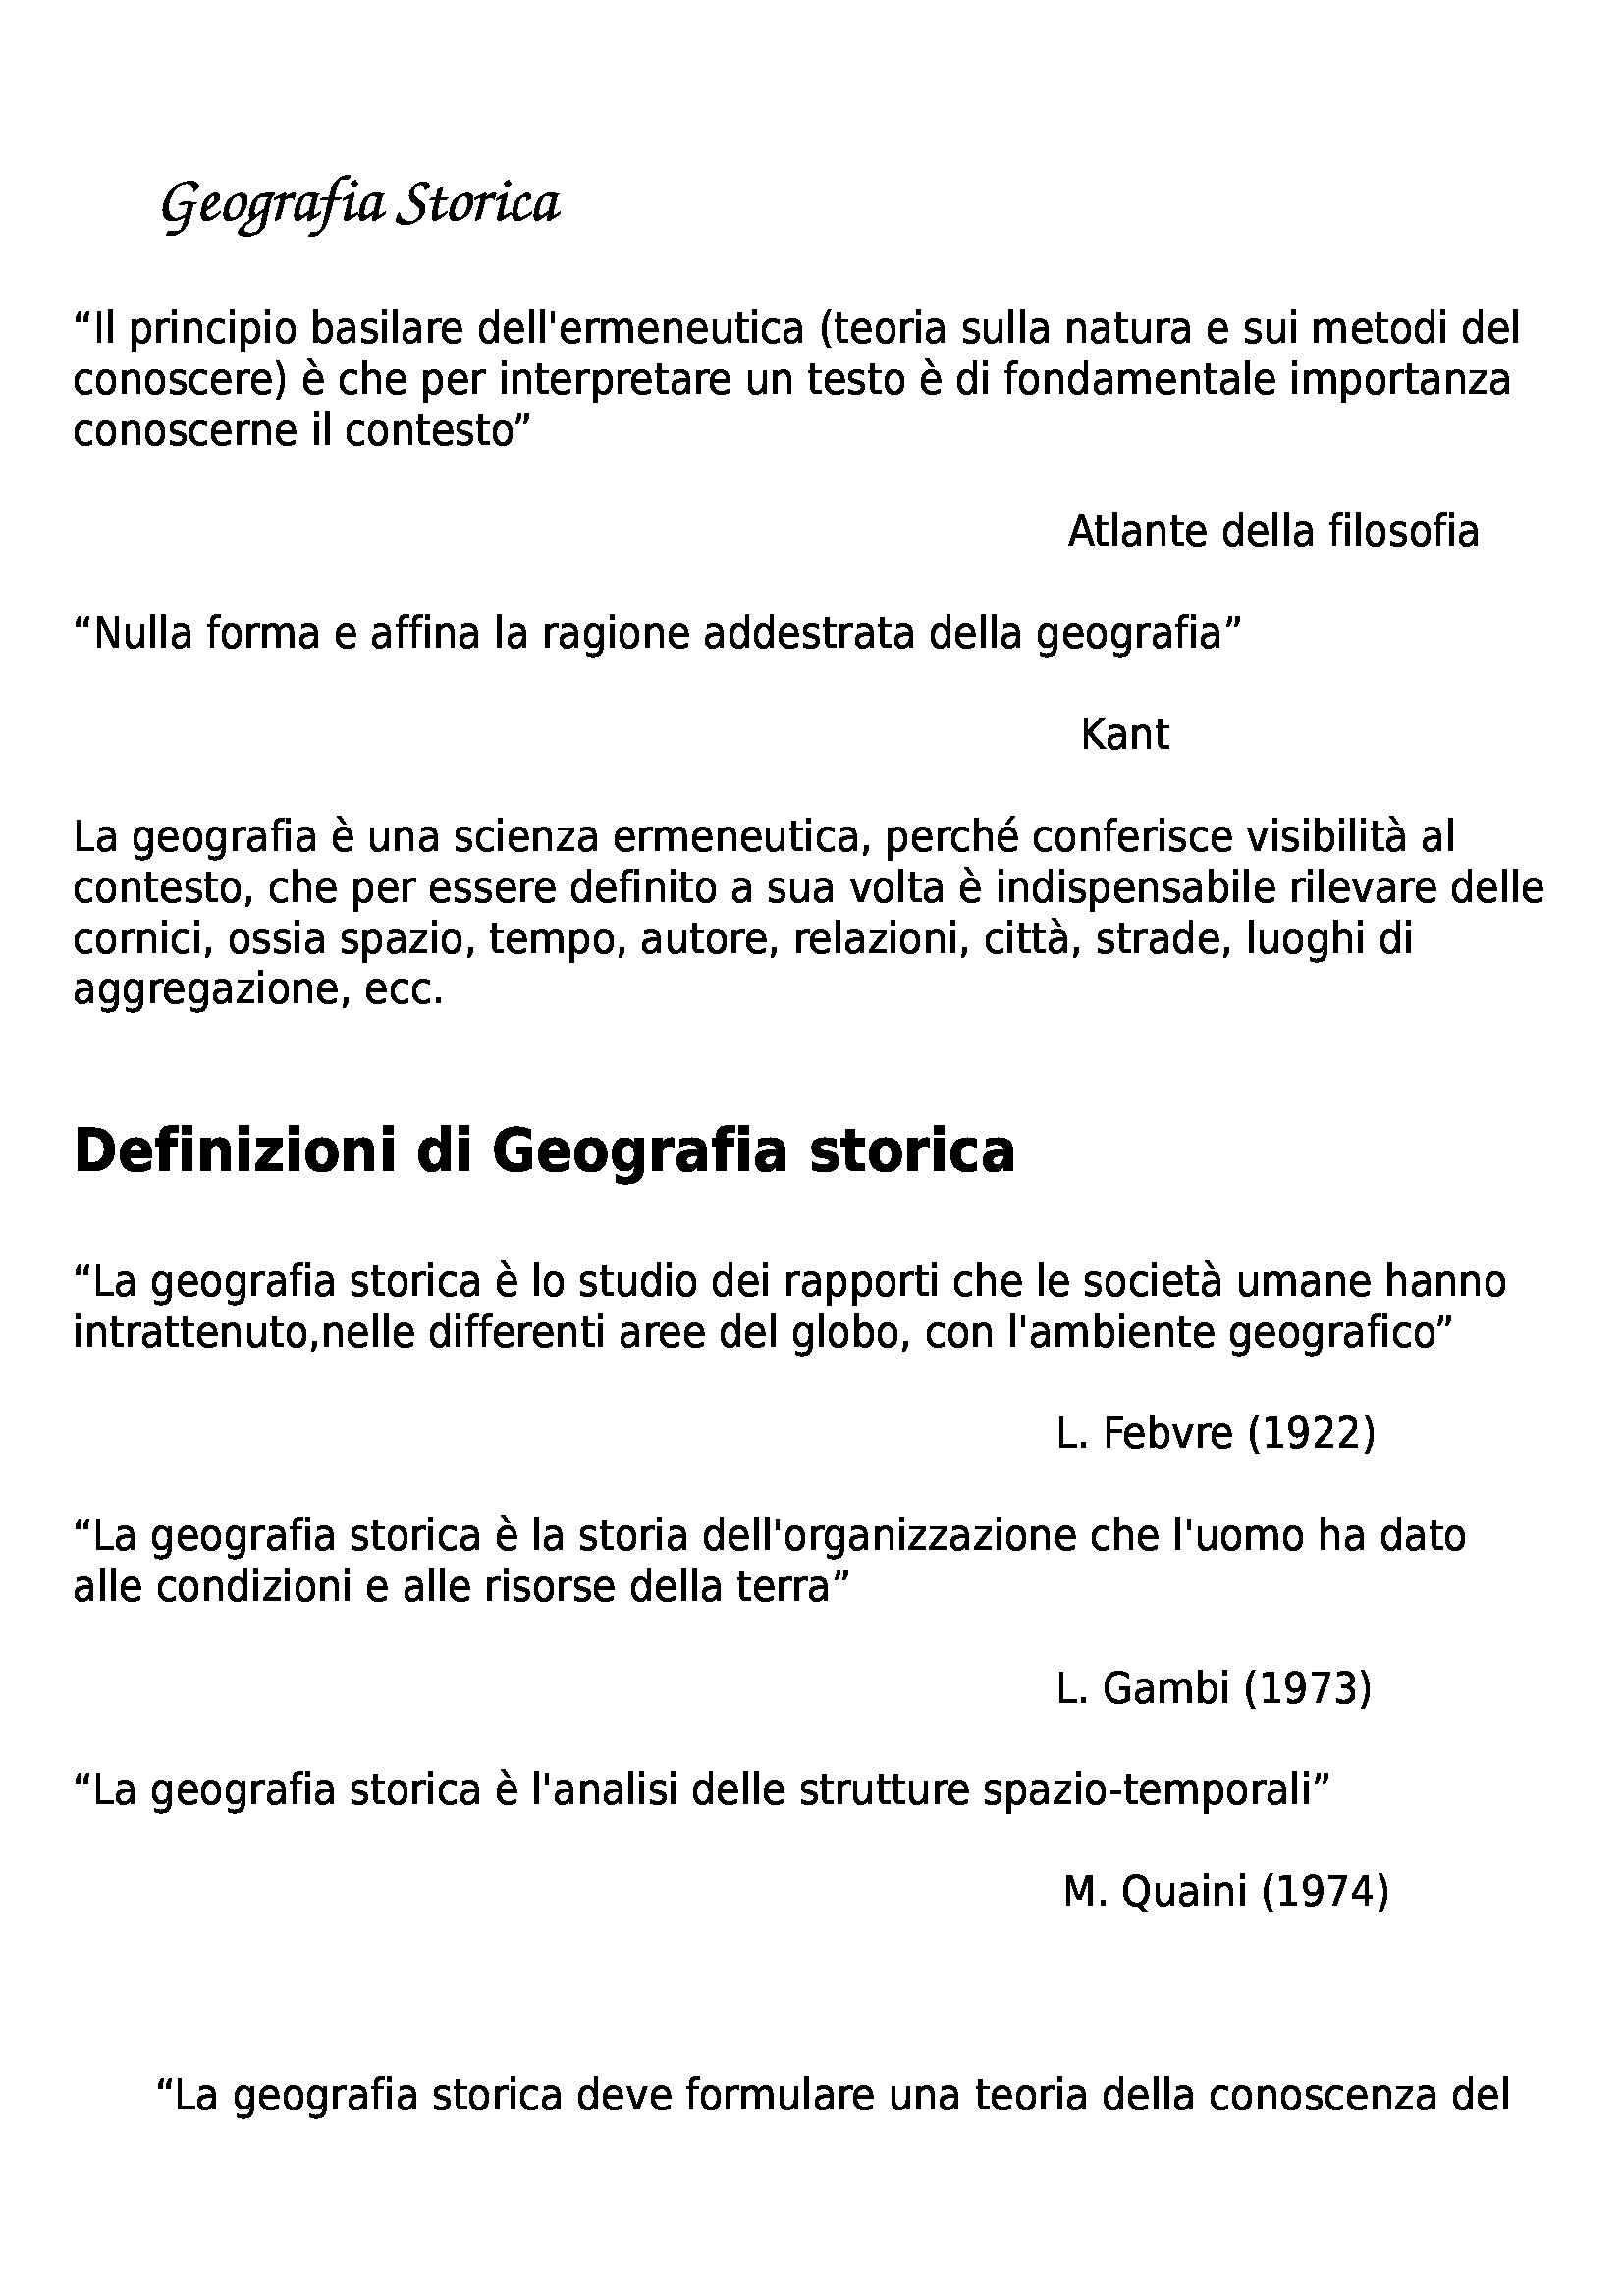 Riassunto esame Geografia Storica, prof. Pase, libro consigliato Armi, Acciaio e Malattie di Diamond